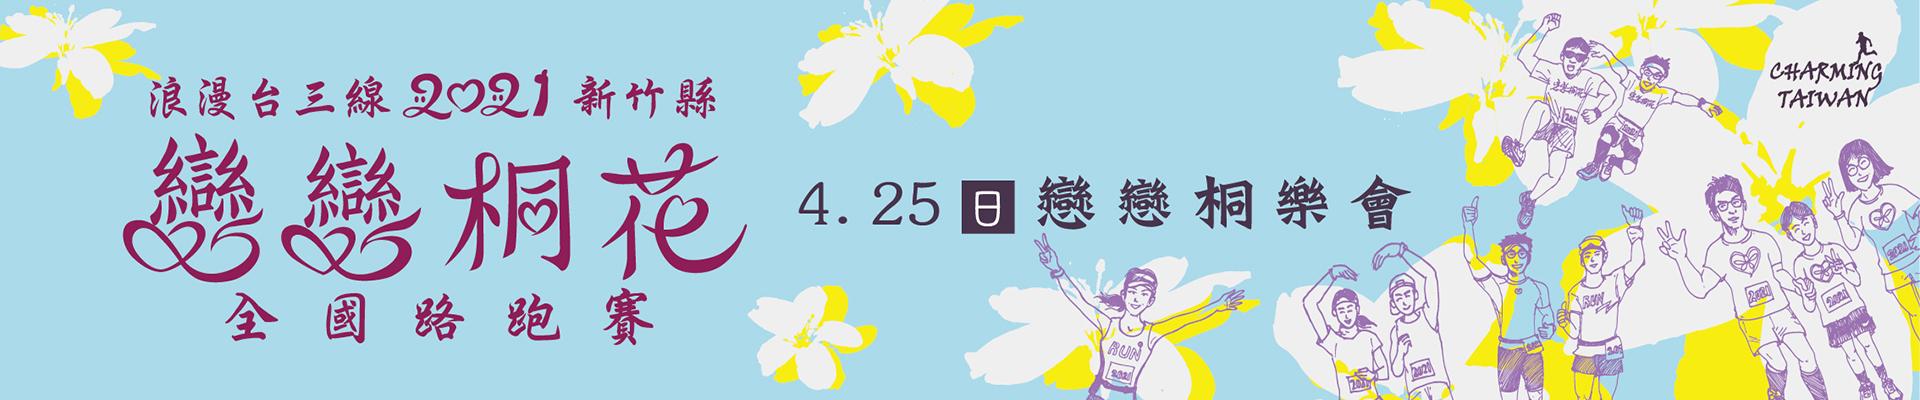 浪漫台三線2021年新竹縣「戀戀桐花」全國路跑賽-主視覺